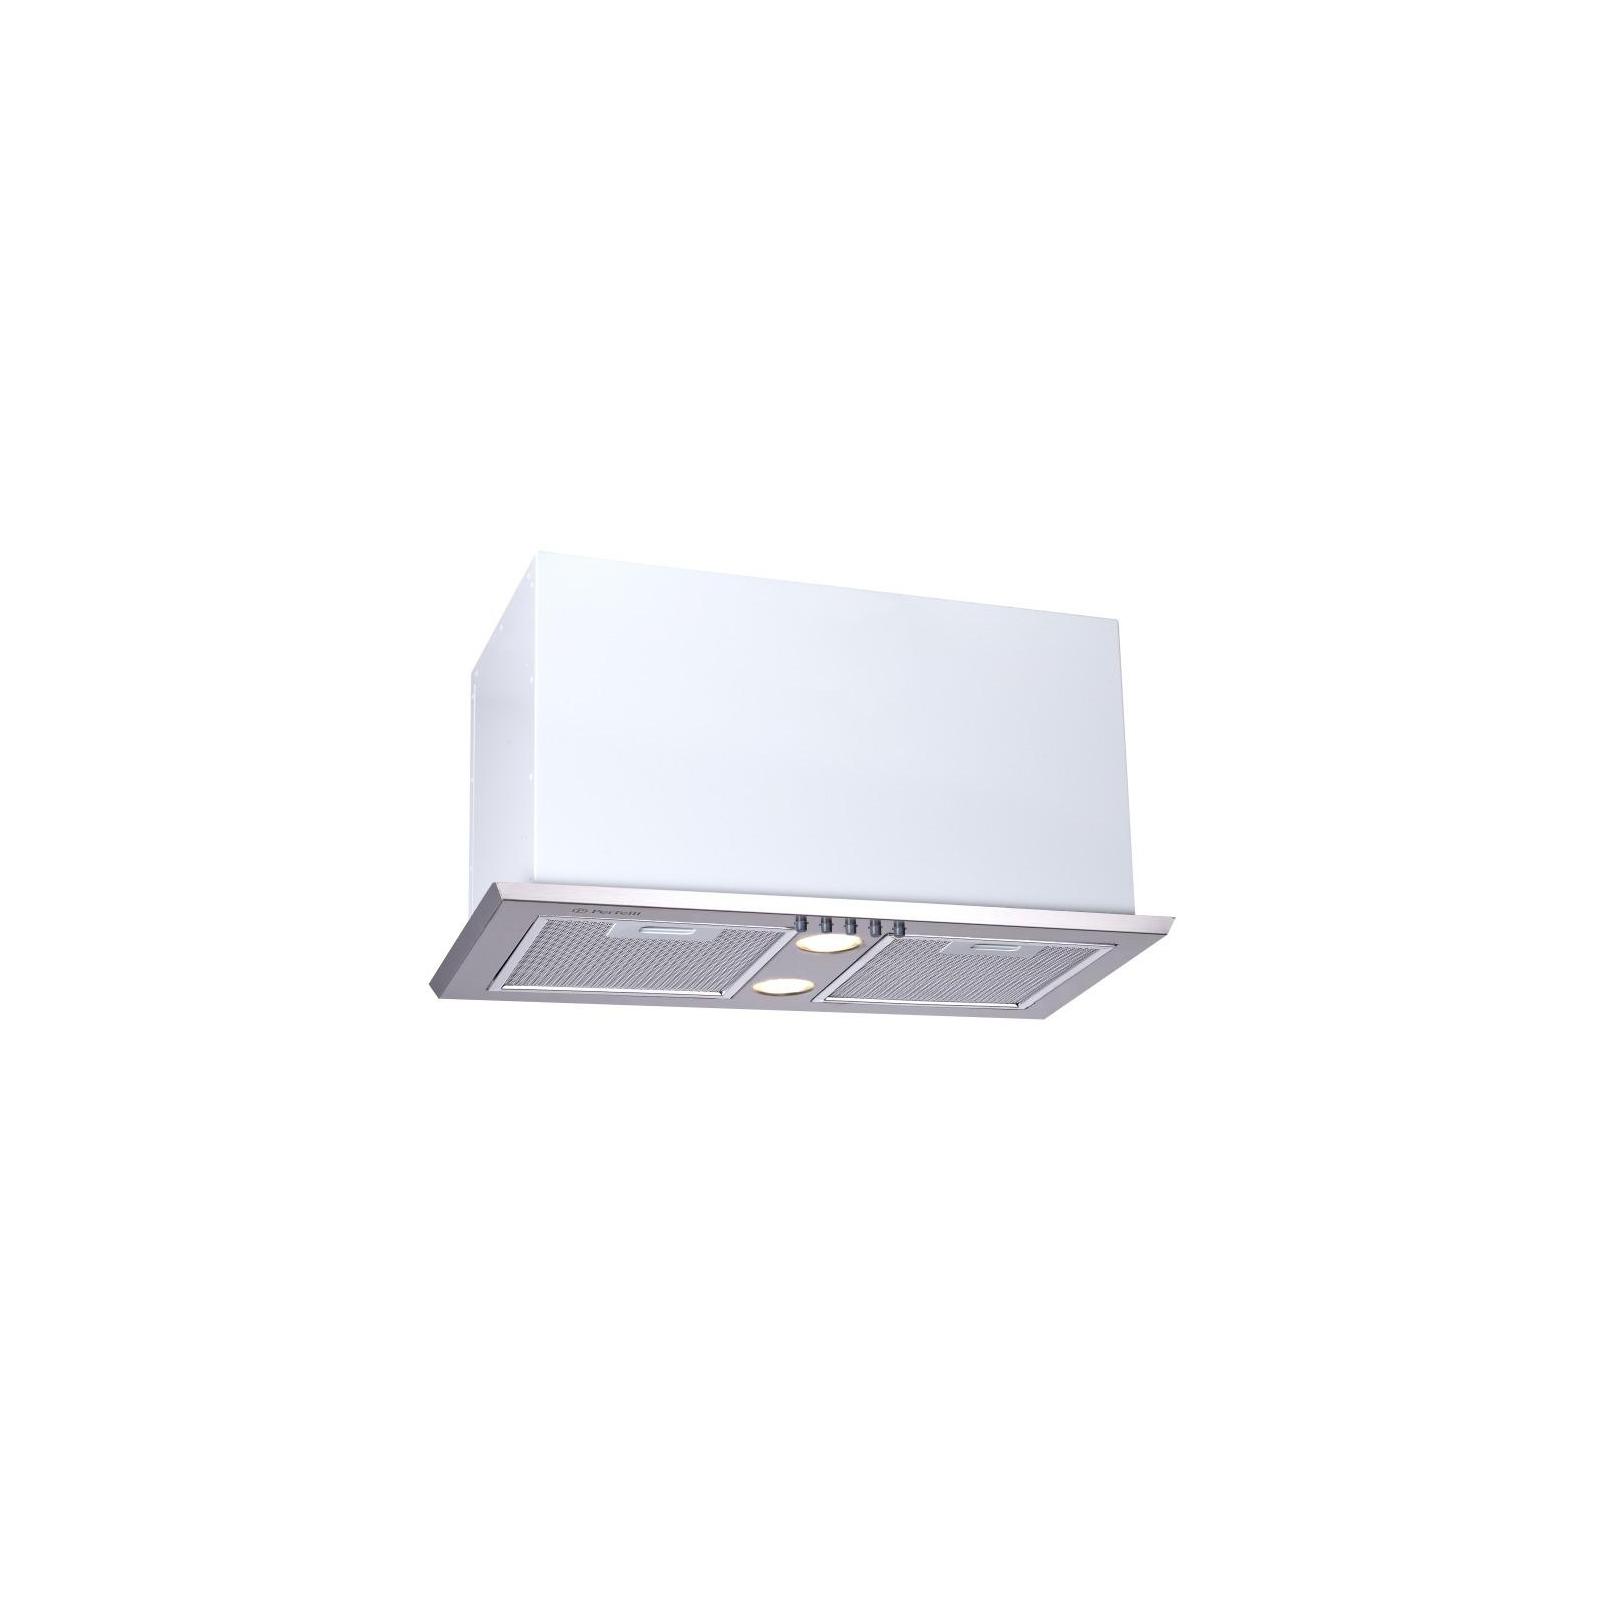 Вытяжка кухонная PERFELLI BI 5512 A 1000 I LED изображение 3